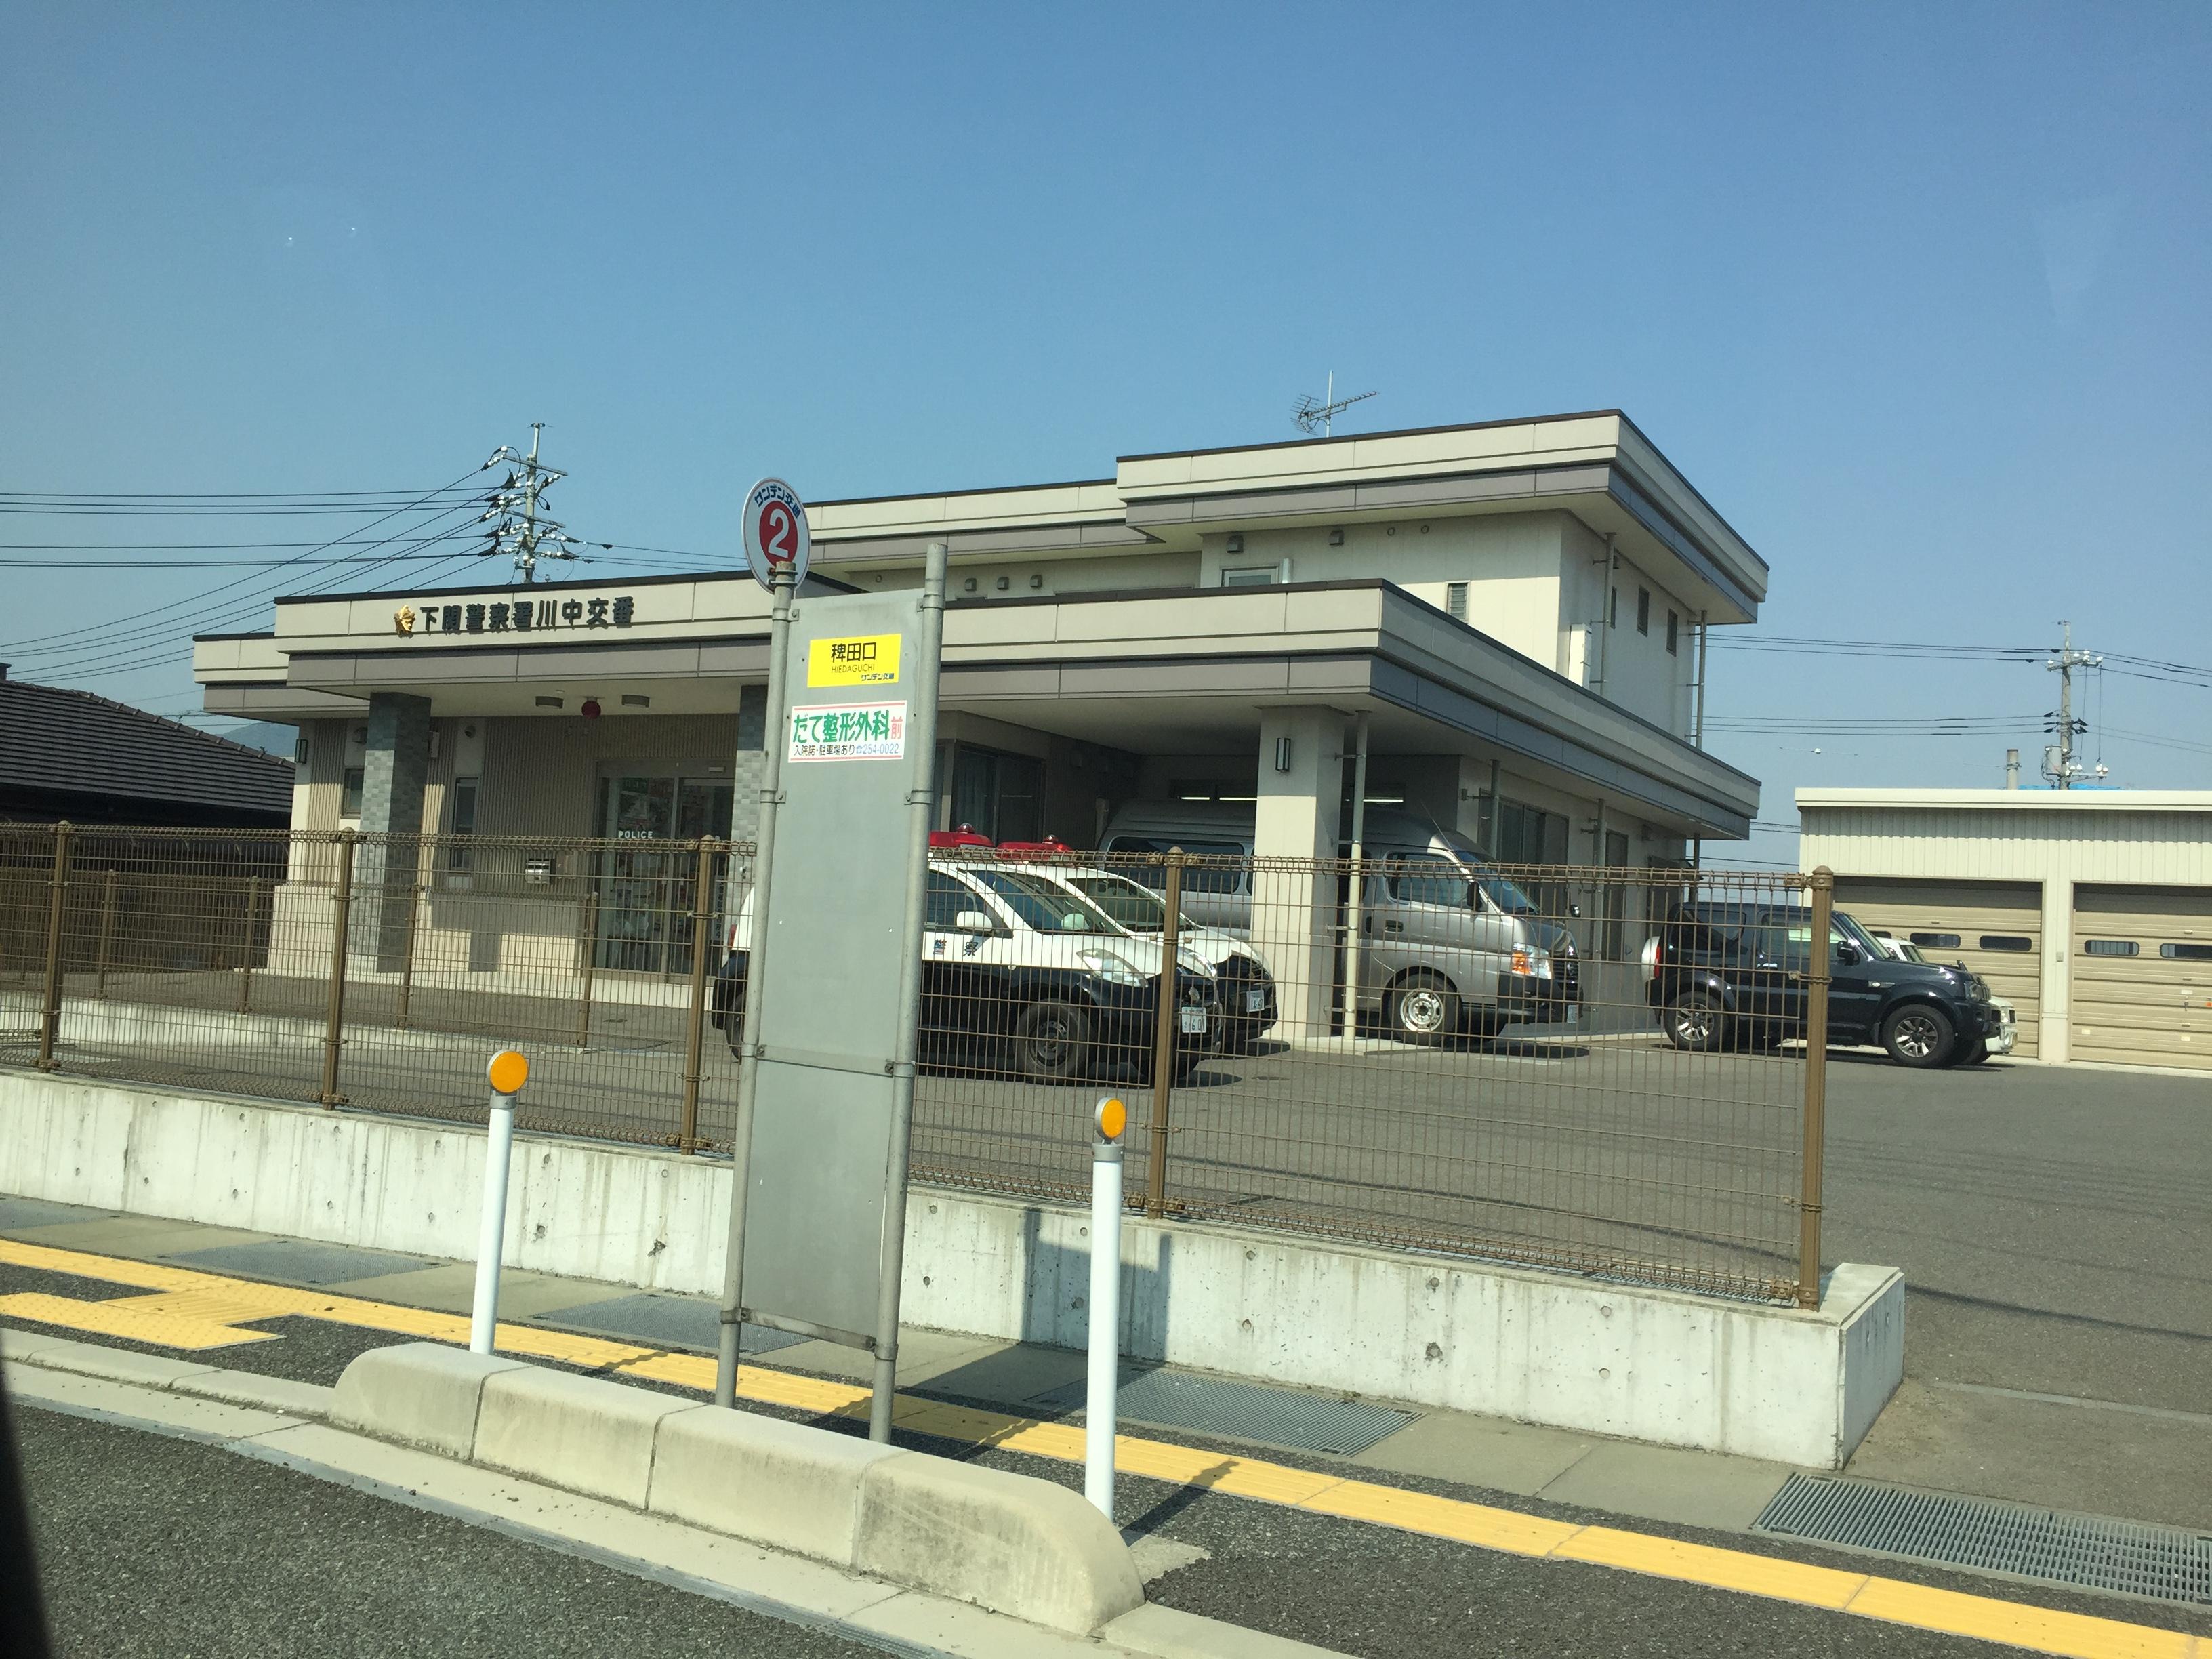 警察署・交番:下関警察署 川中交番 1120m